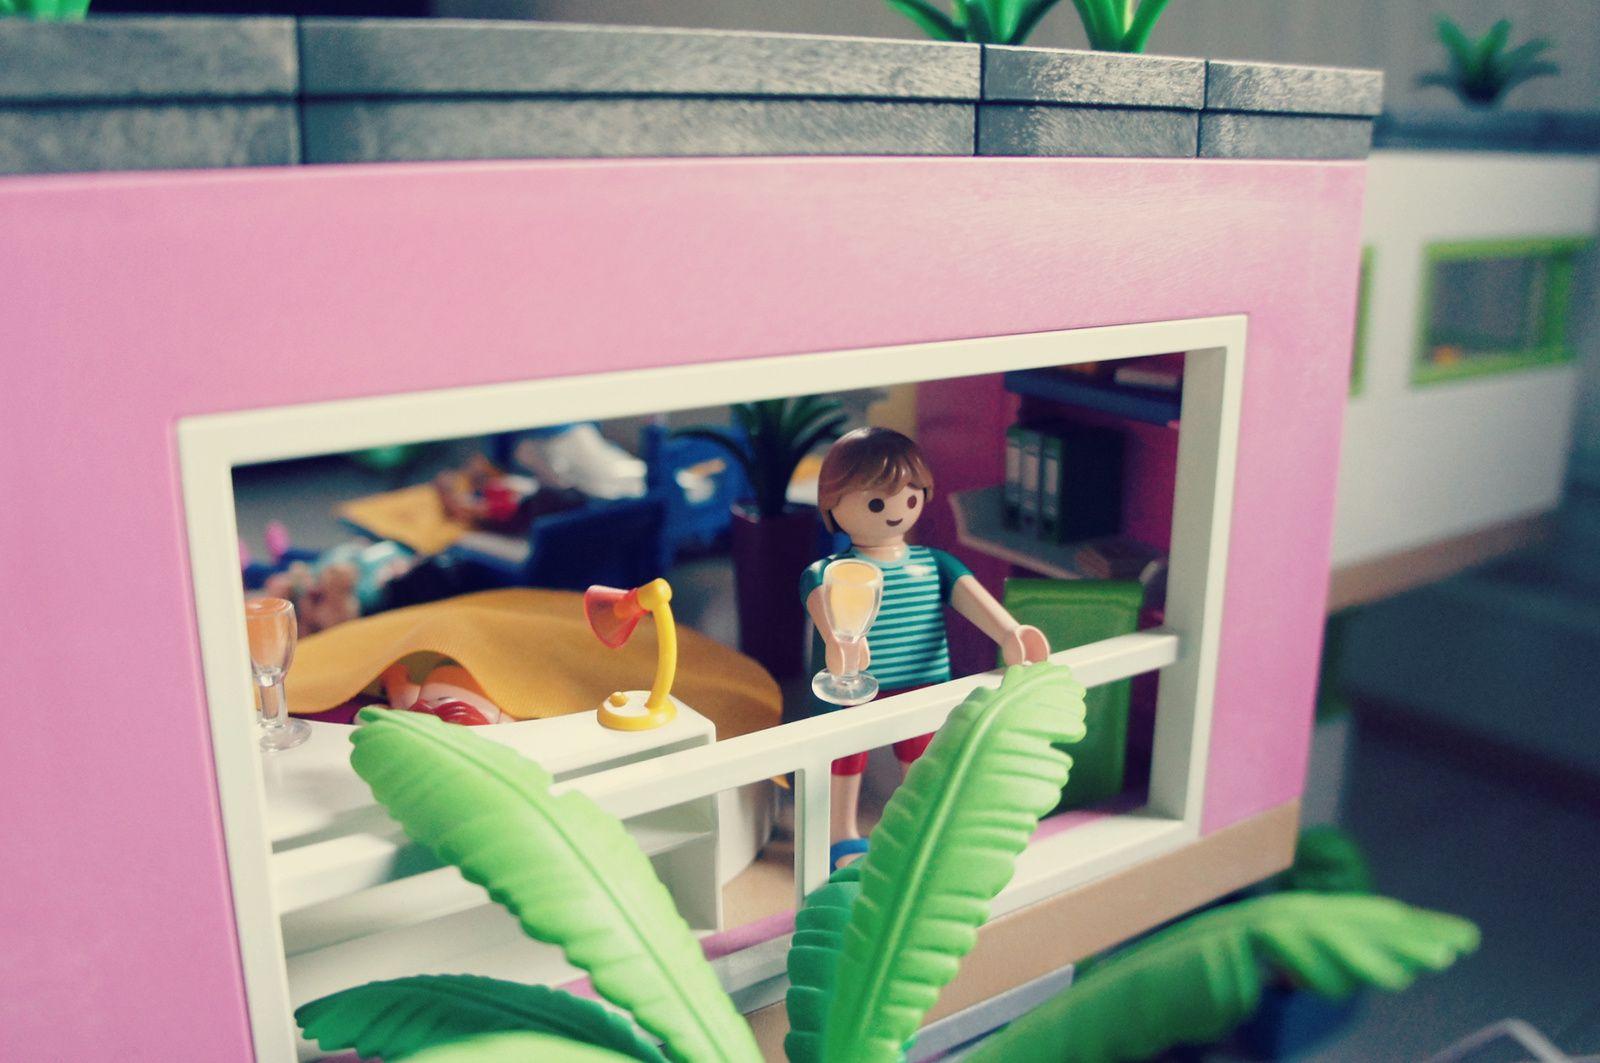 Dans une grande caisse: personnages et accessoires en attente d'un rôle dans le scénario du jour.